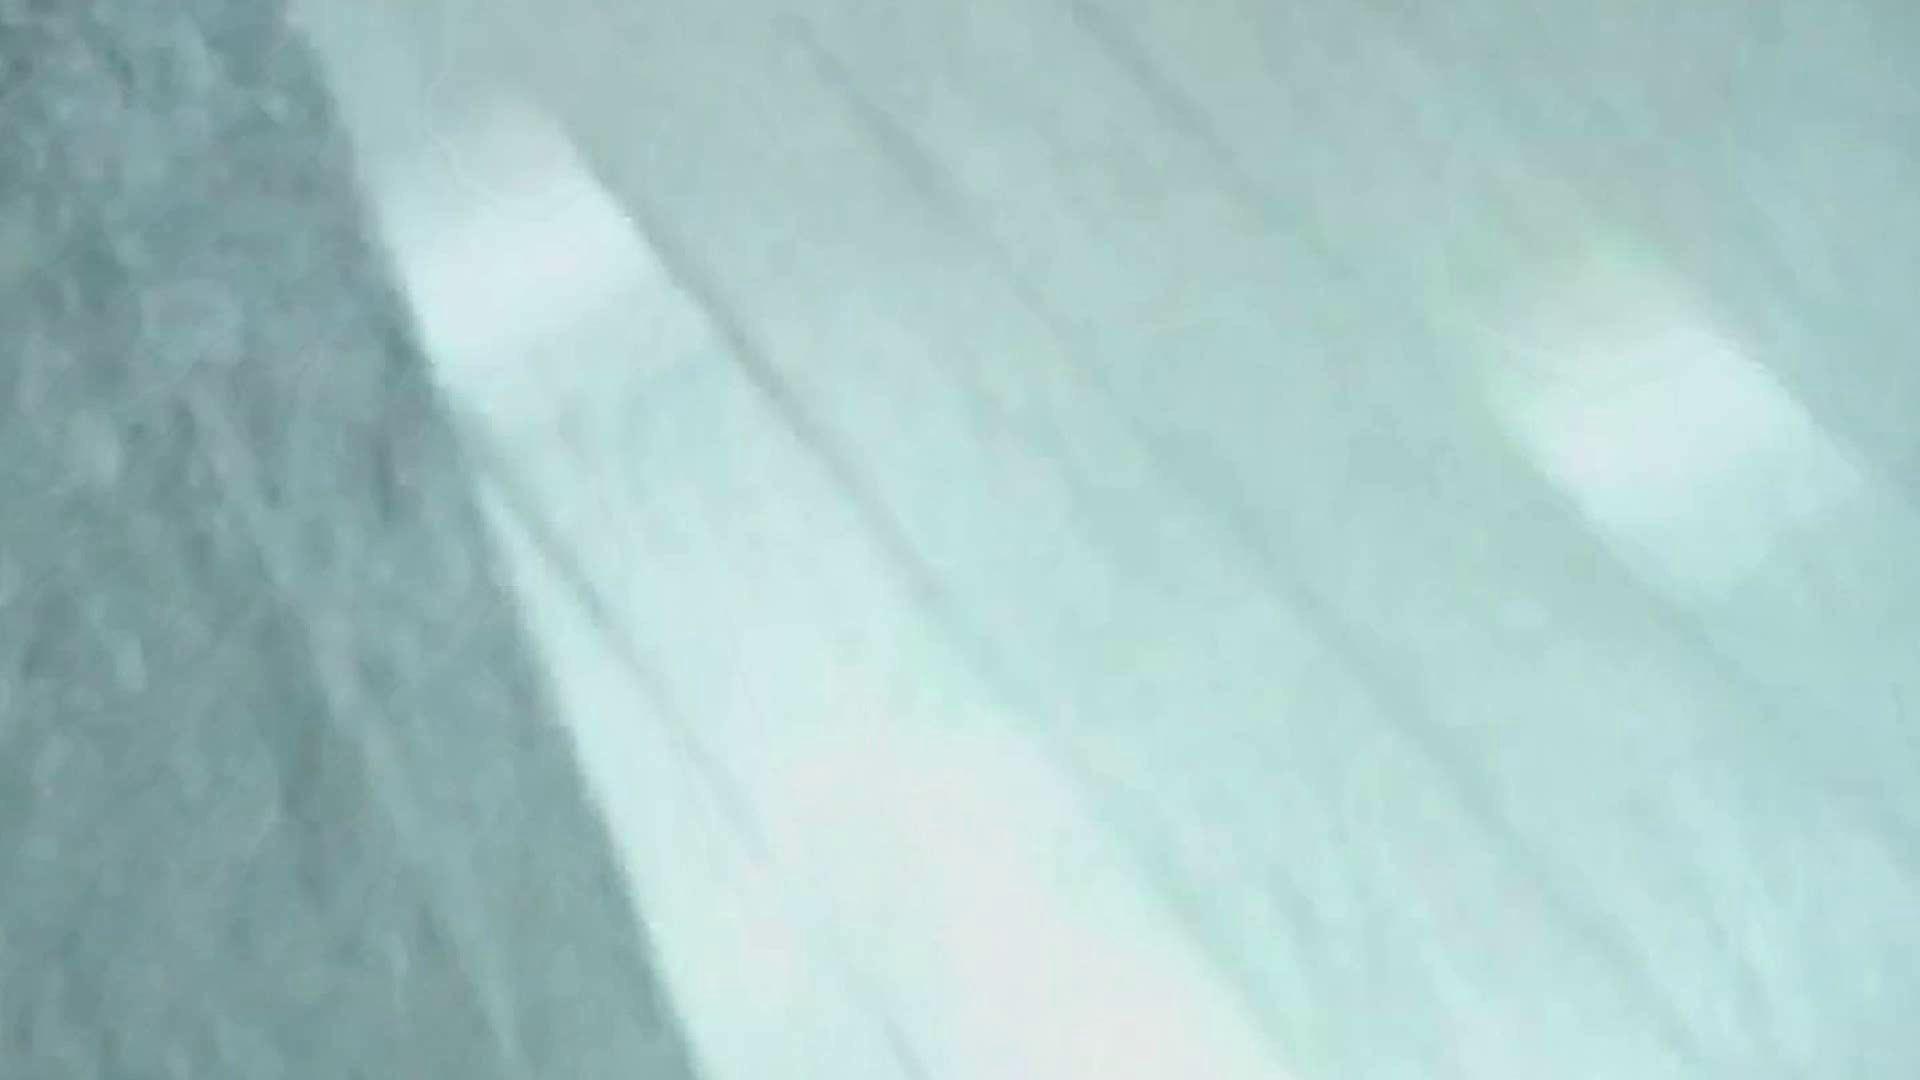 お姉さんの恥便所盗撮! Vol.12 エロティックなOL エロ画像 105画像 50